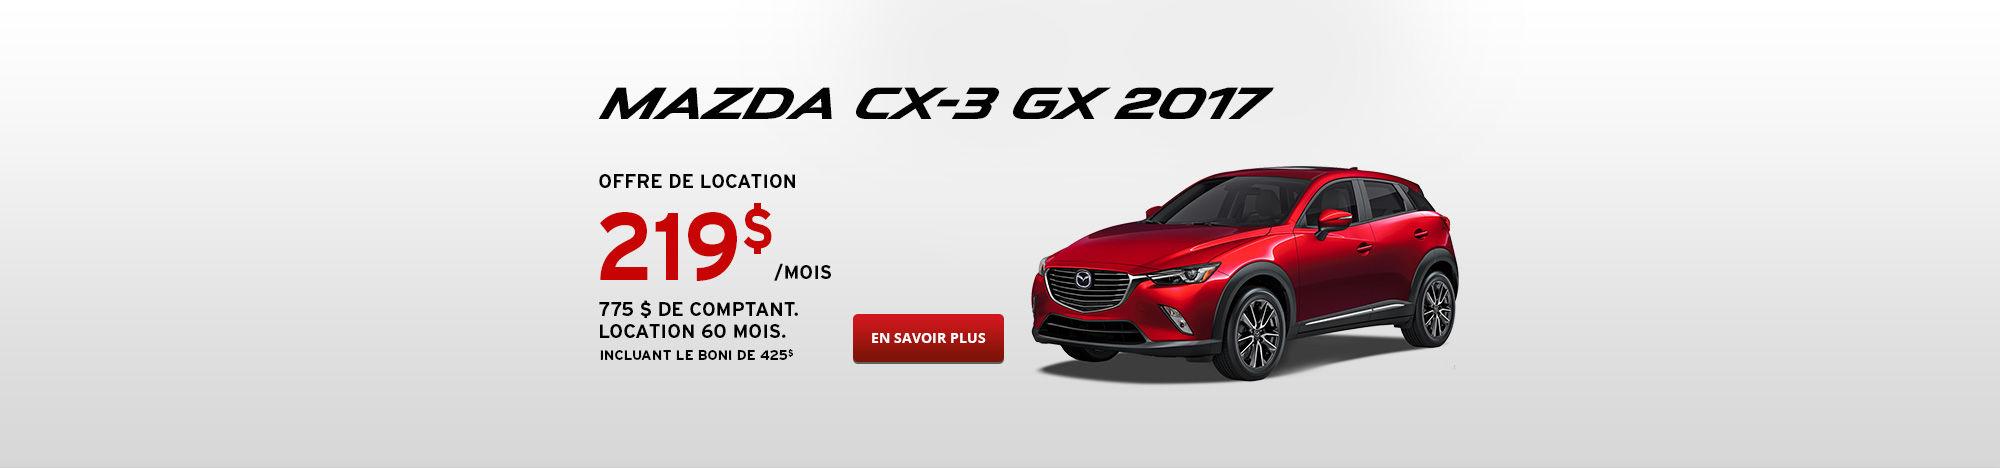 Promo Mazda CX-3 Fr